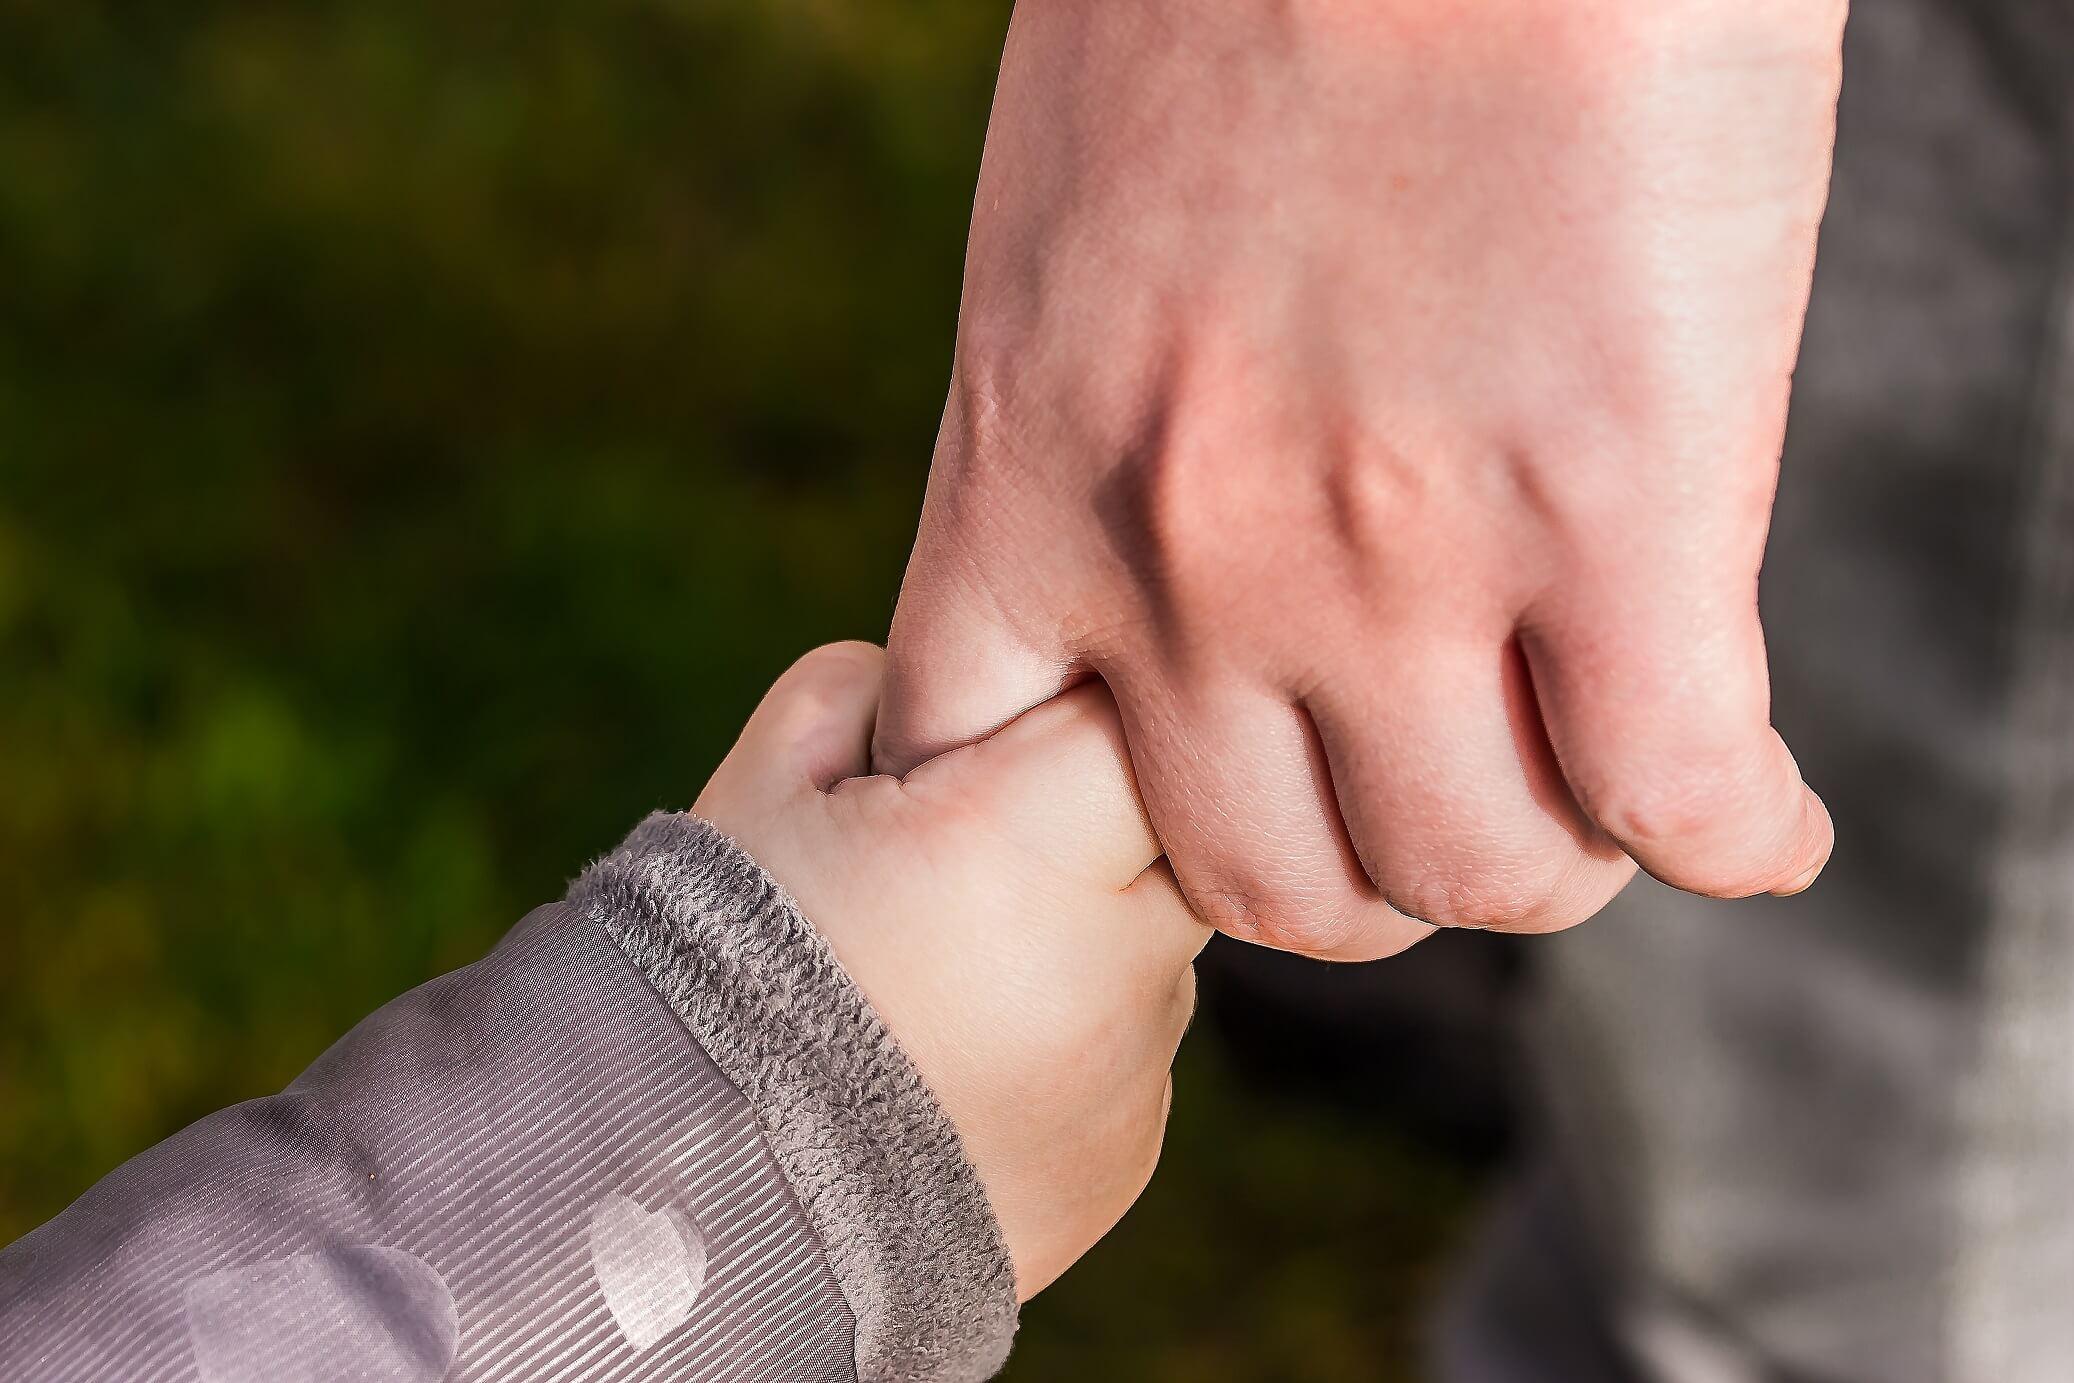 Kontakty z dzieckiem a koronawirus